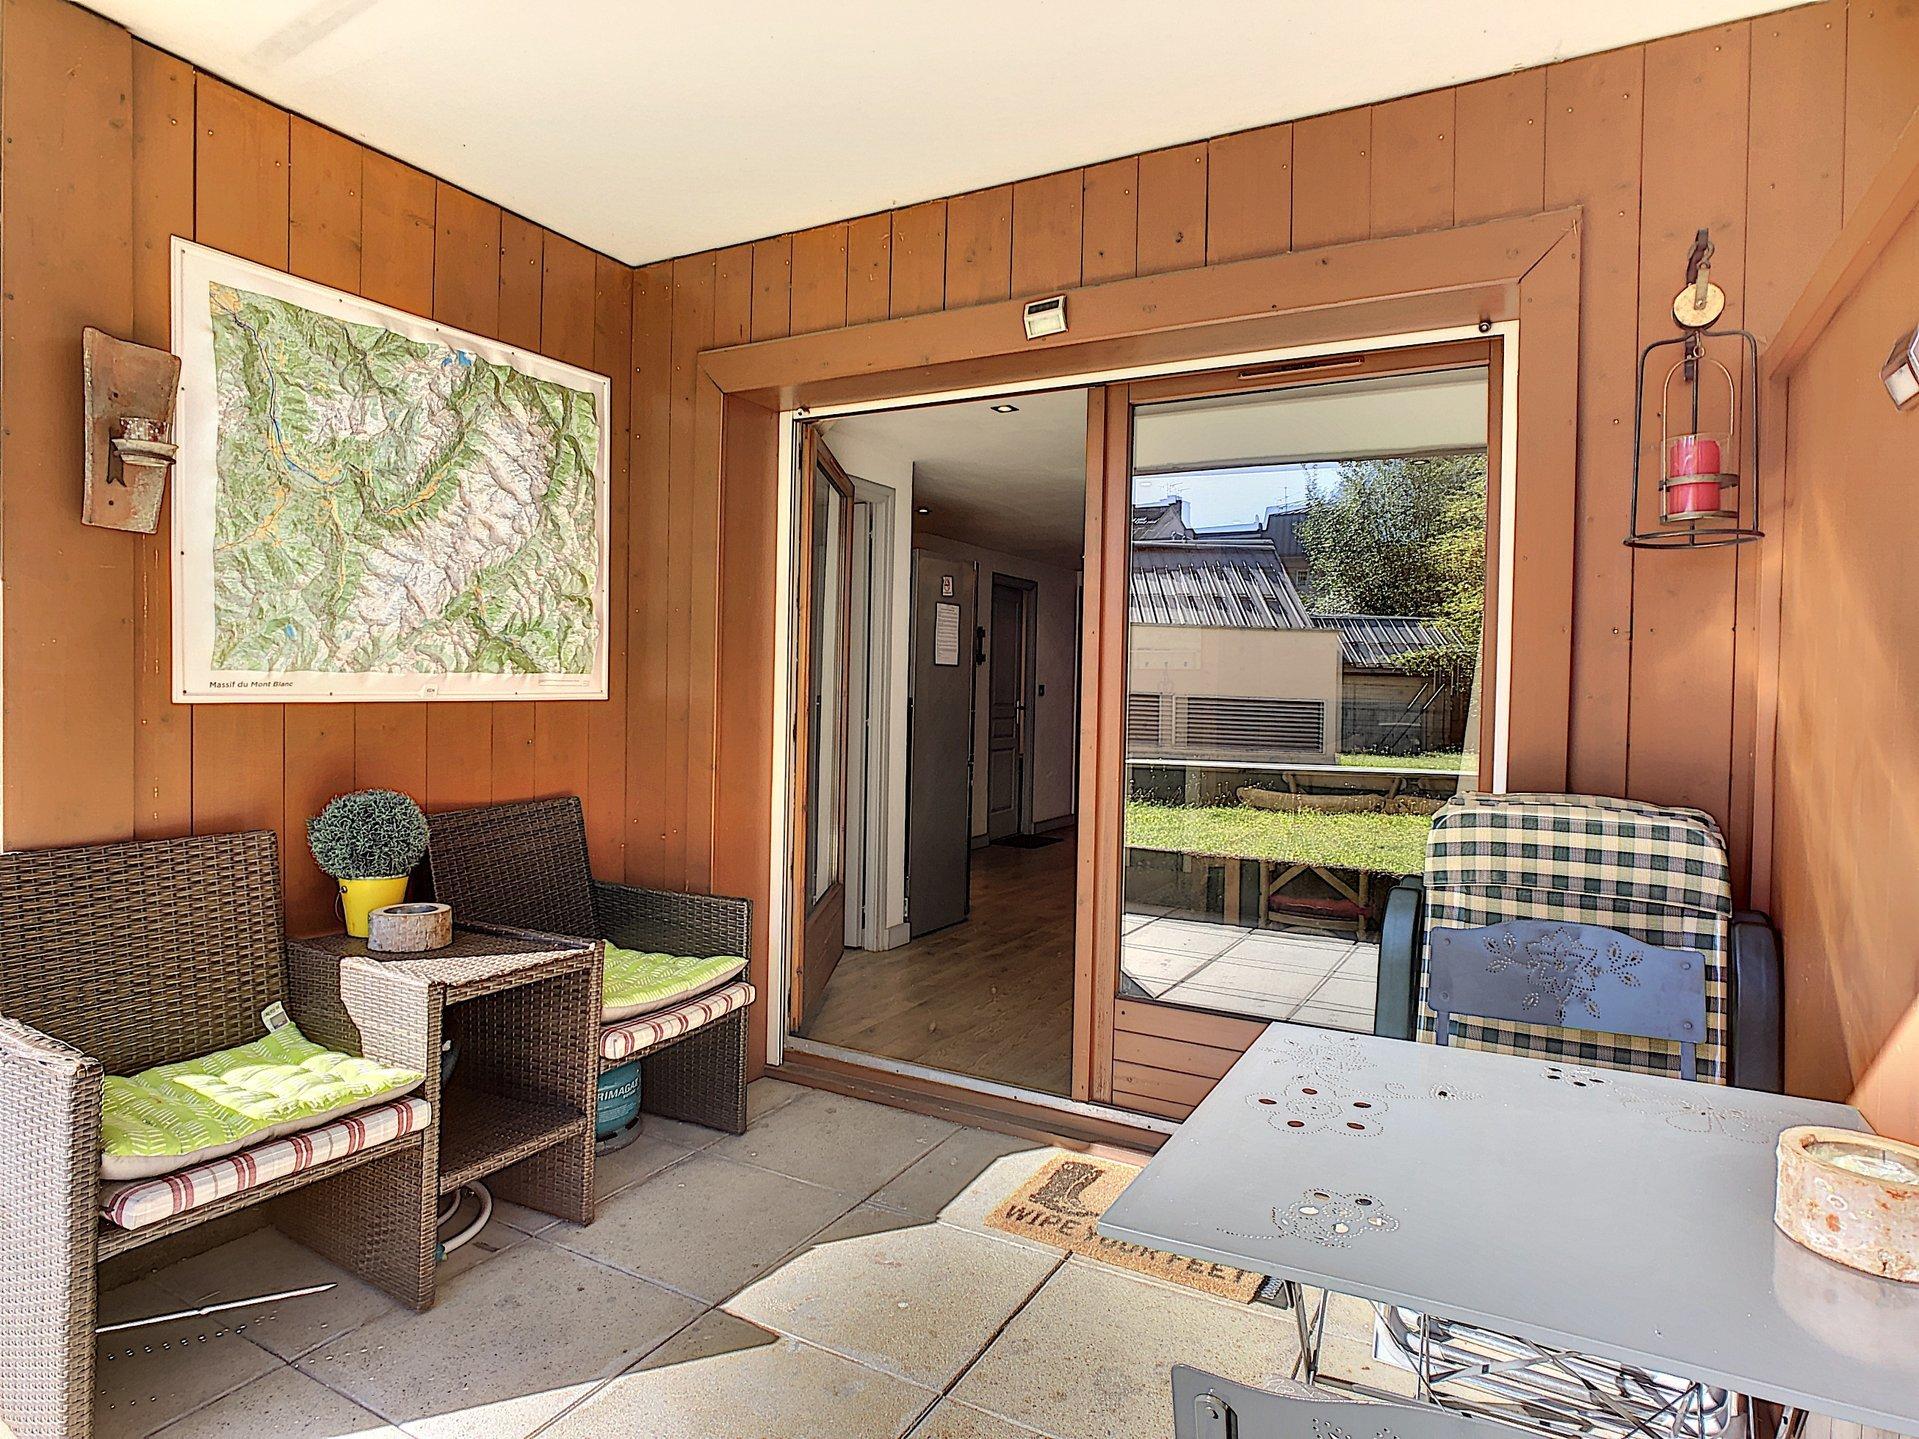 Appartamento con 1 camera da letto, Chamonix-Mont-Blanc